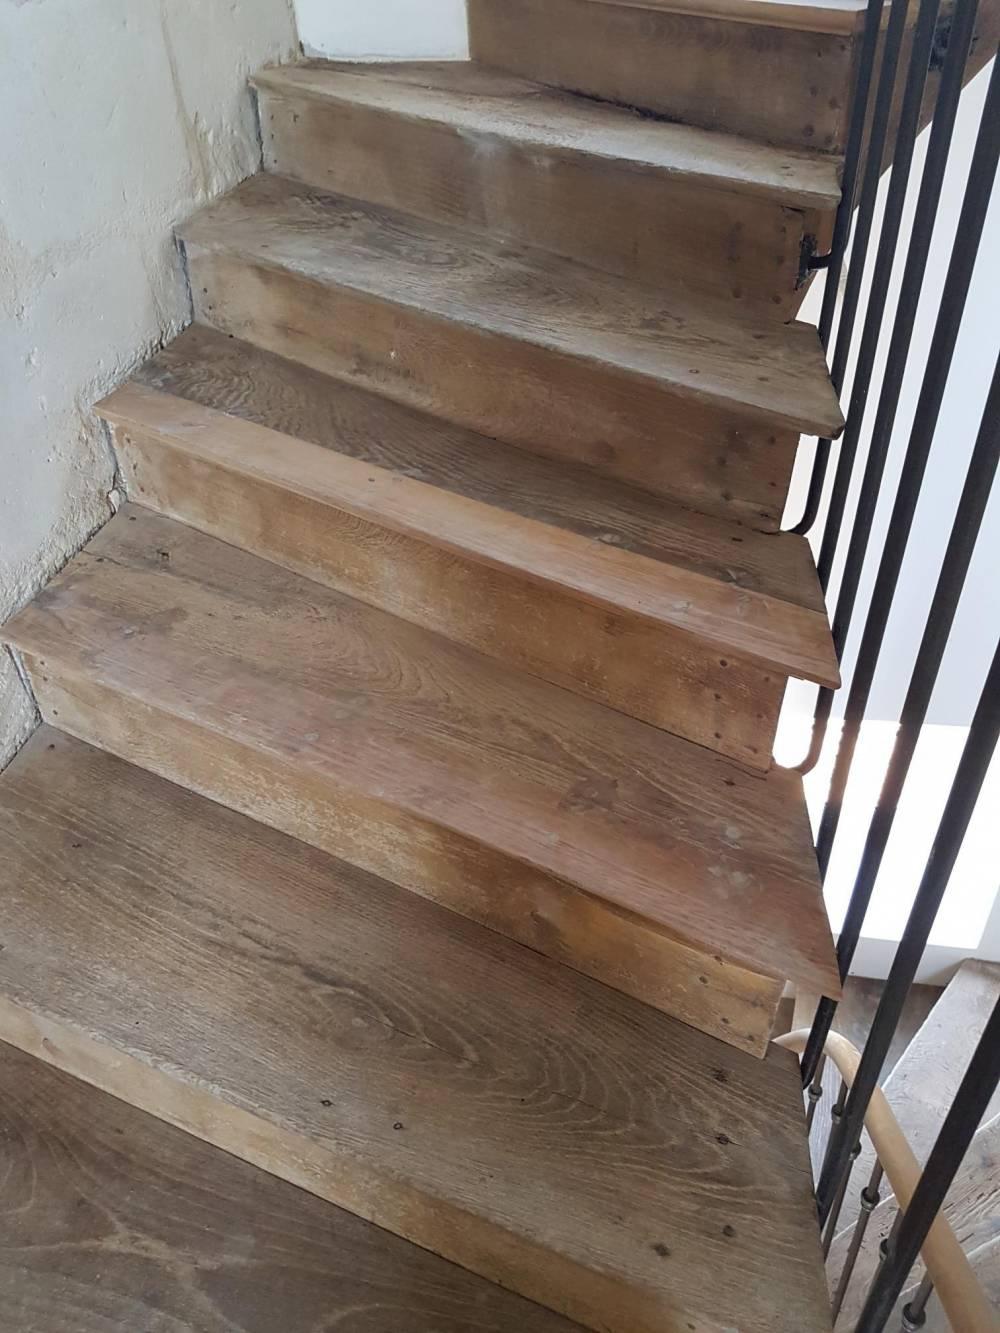 Fabricant D Escalier Bois escalier bois sur mesure briollay - fabricant d'escalier